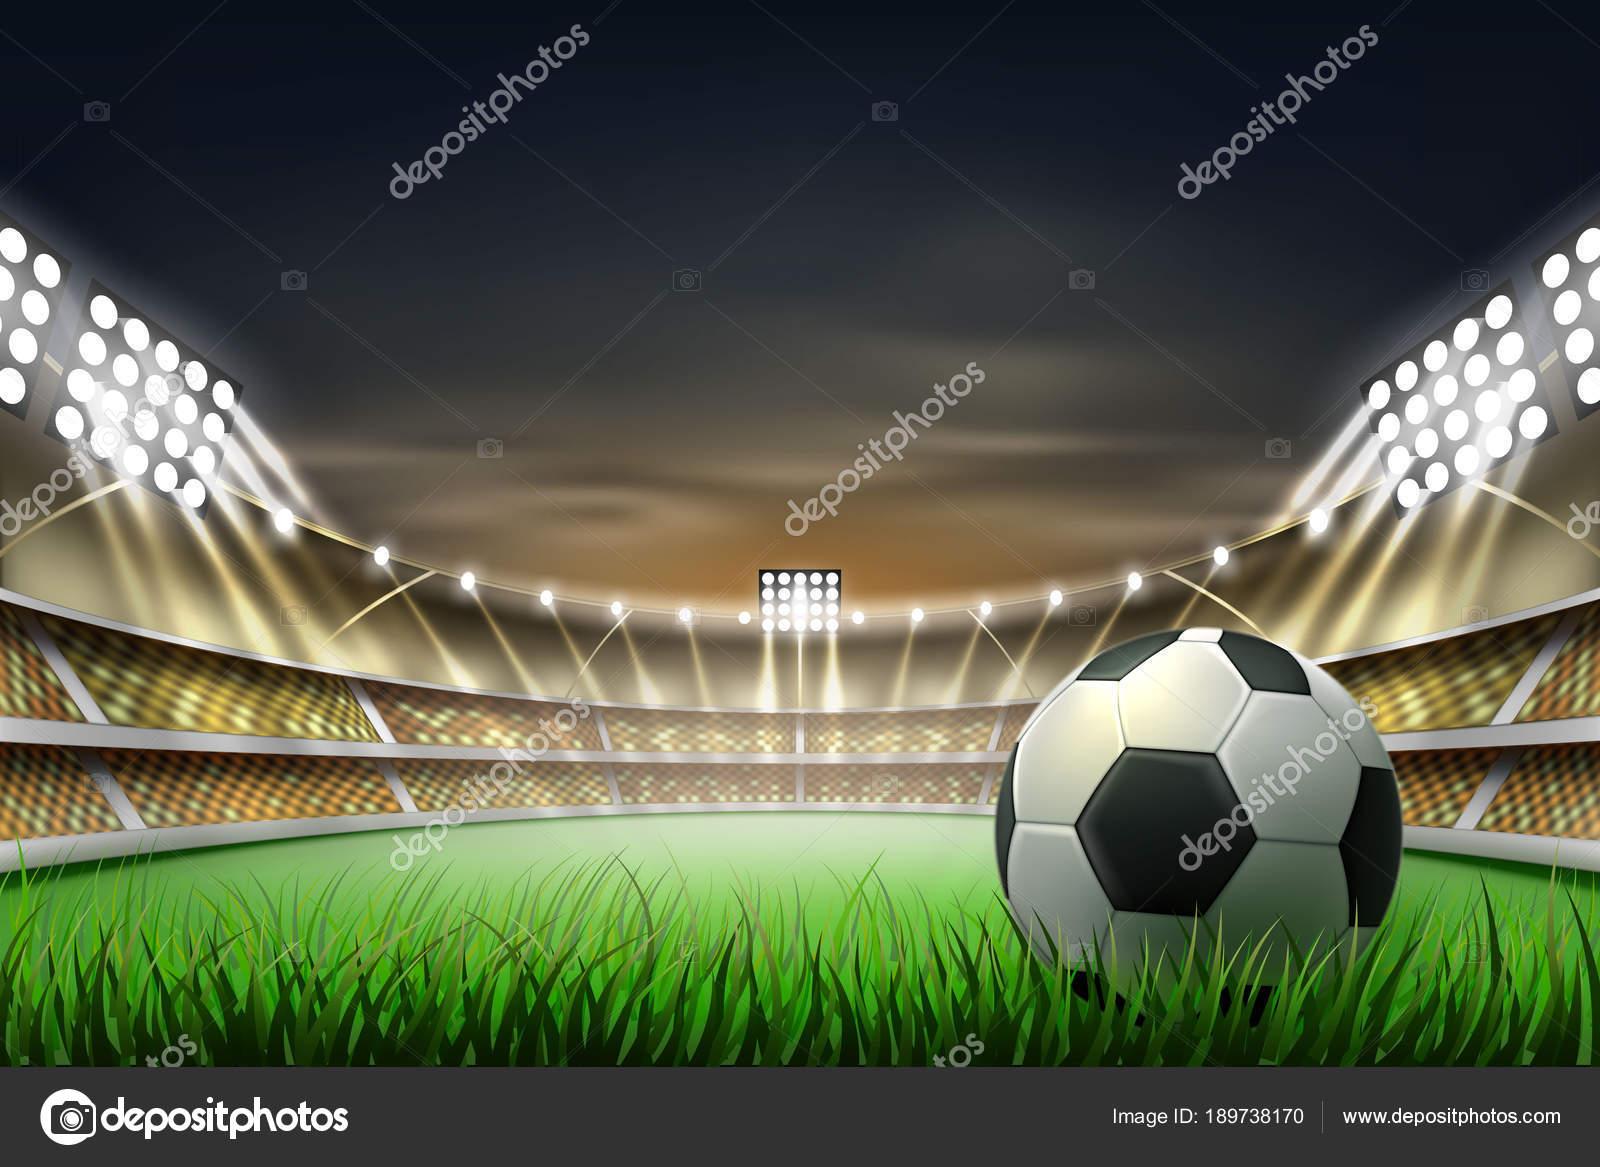 Vektor Realistische Fussball Fussball Stadion Hintergrund